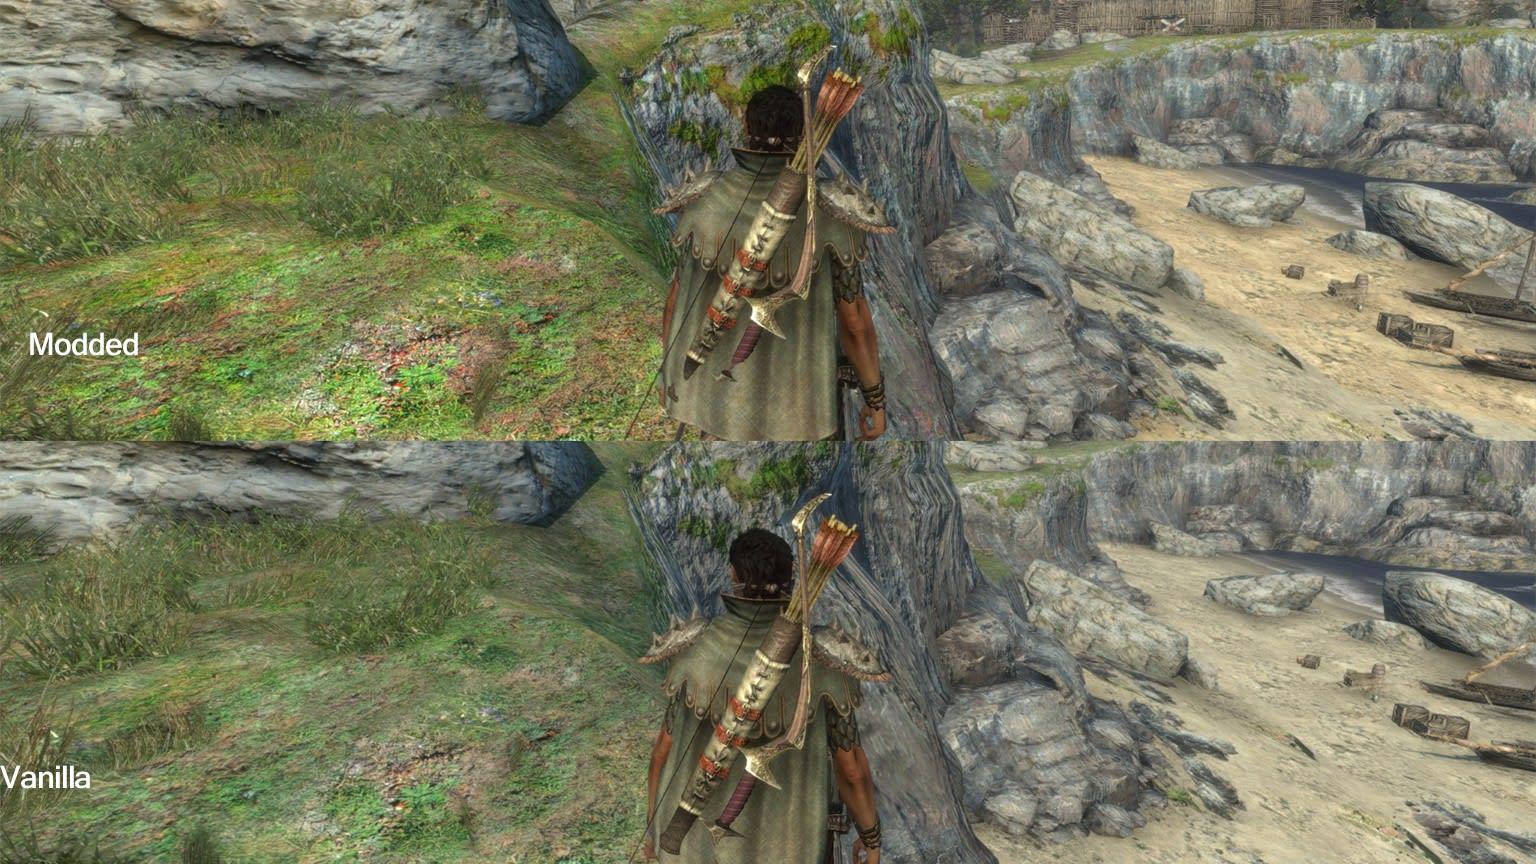 ドグマ mod ドラゴンズ PC版DDDAのMODファイル(arc)の展開&再圧縮(おまけ)の仕方 3/3追記&再圧縮について記述修正:Gスカが適当に遊ぶ処